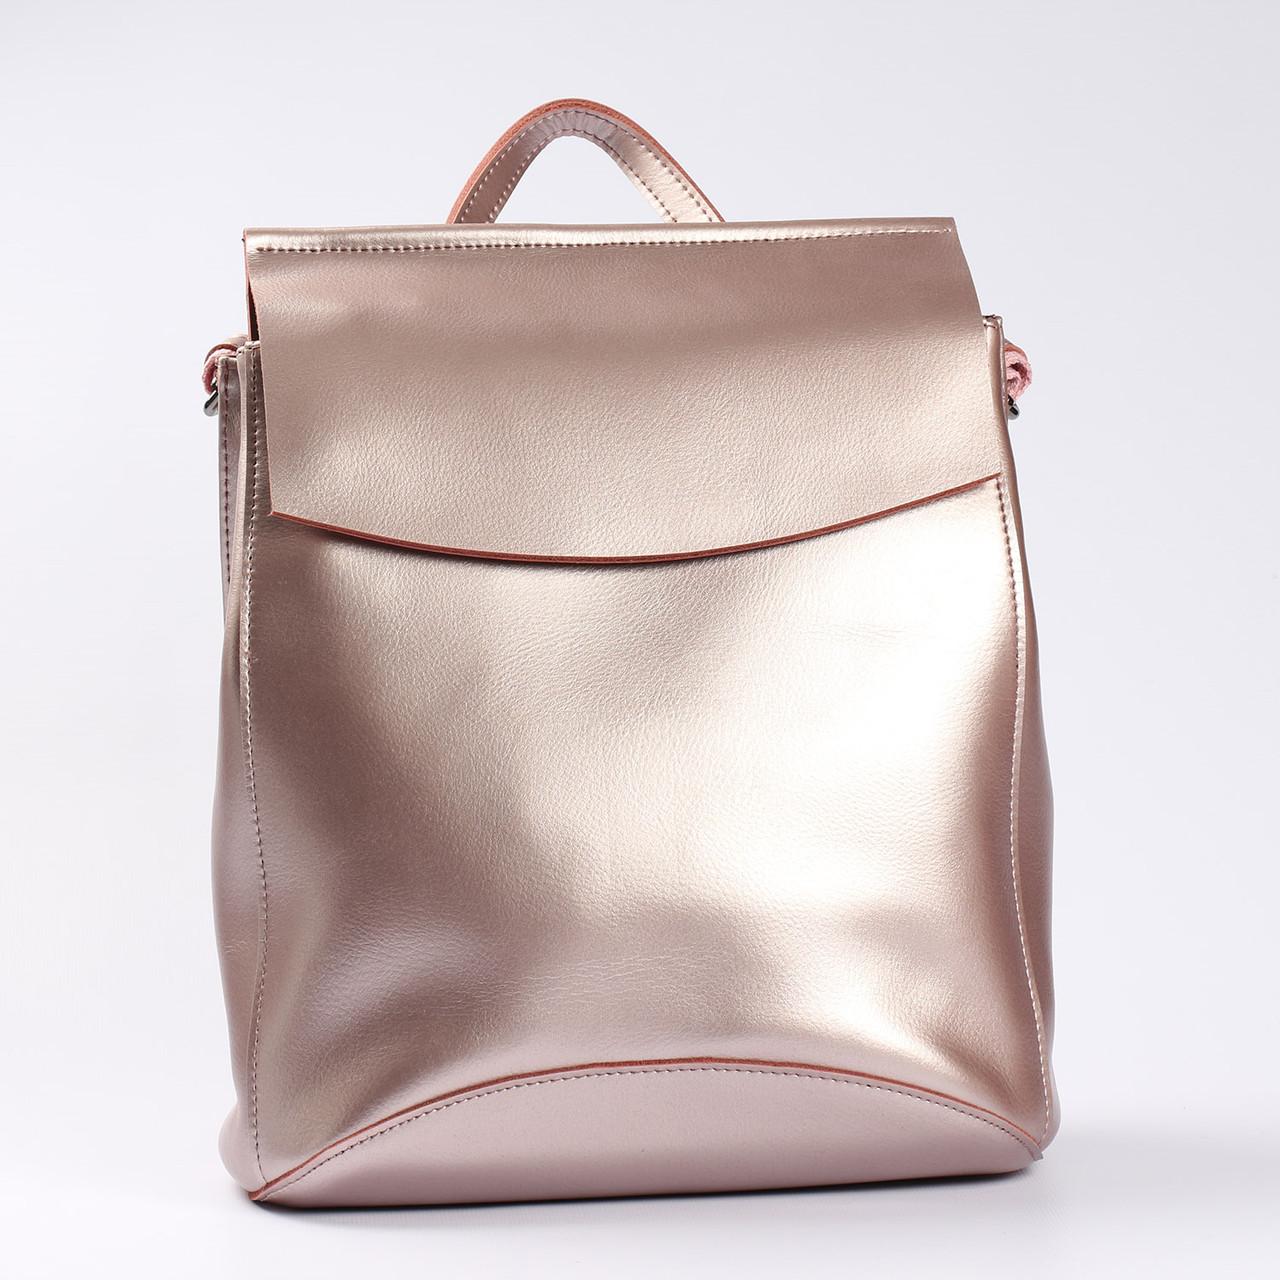 6571f668f013 Кожаный повседневный сумка-рюкзак (трансформер) розового перламутрового  цвета